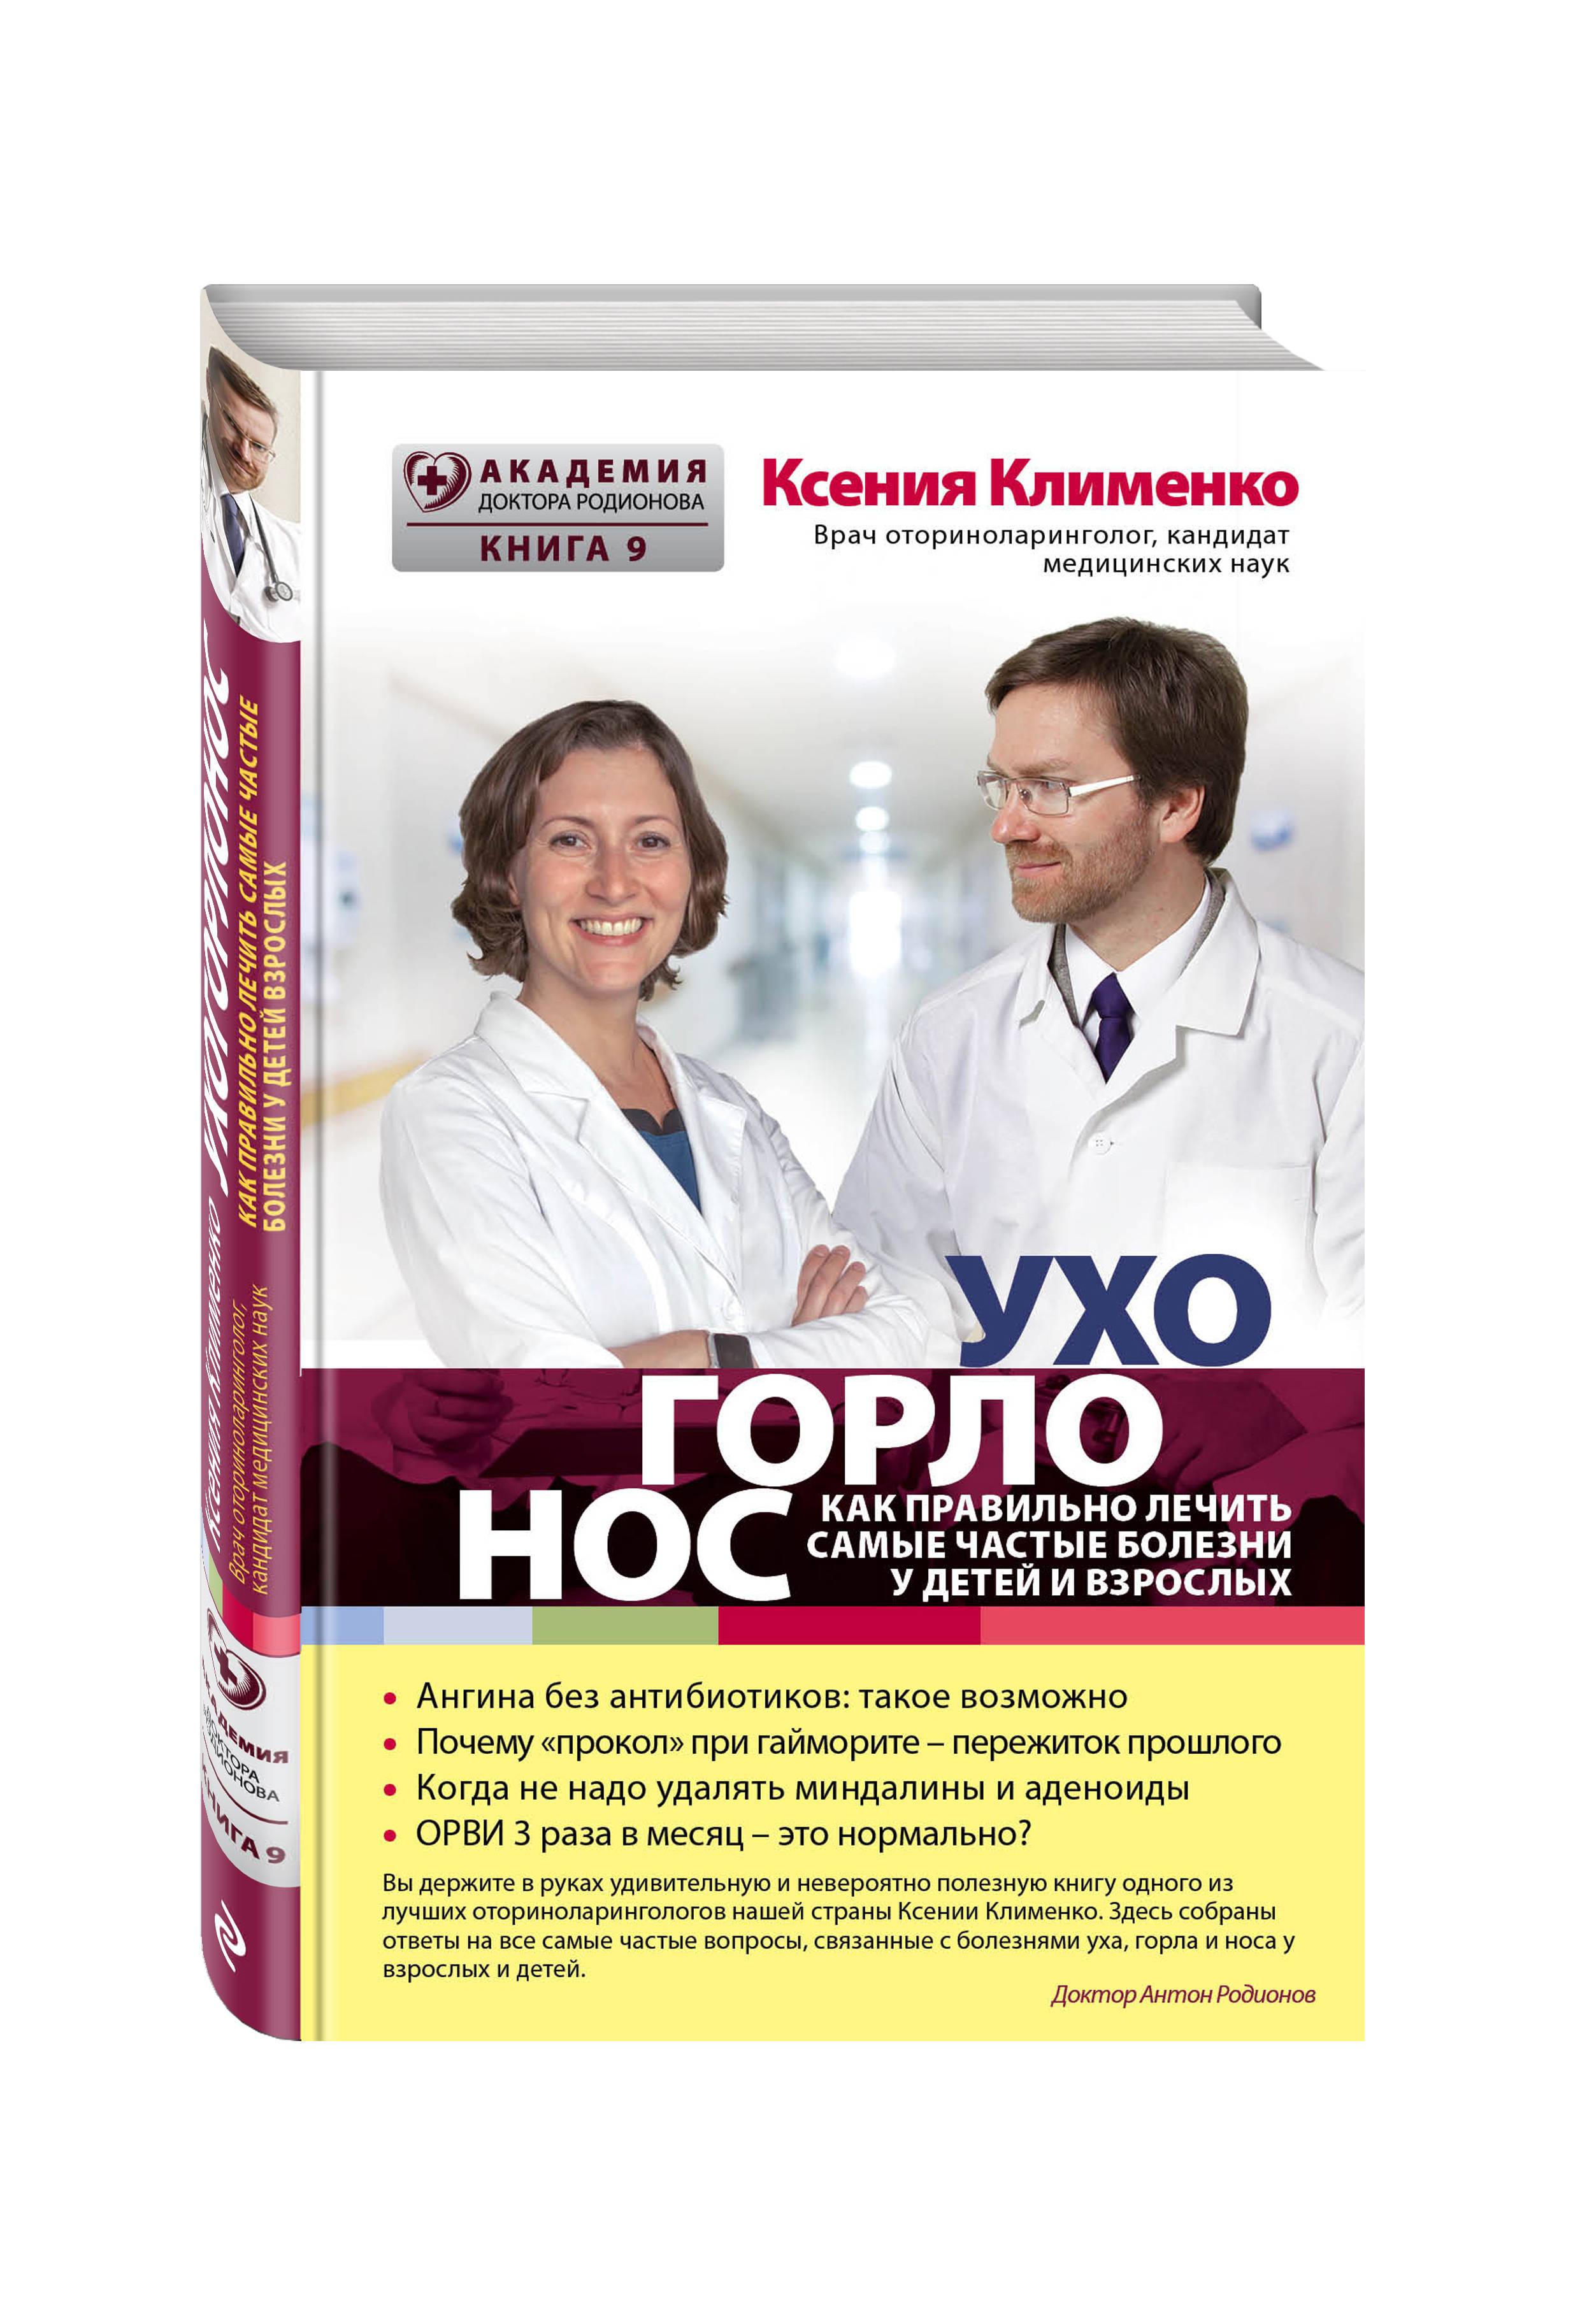 Клименко Ксения УХОГОРЛОНОС. Как правильно лечить самые частые болезни у детей и взрослых